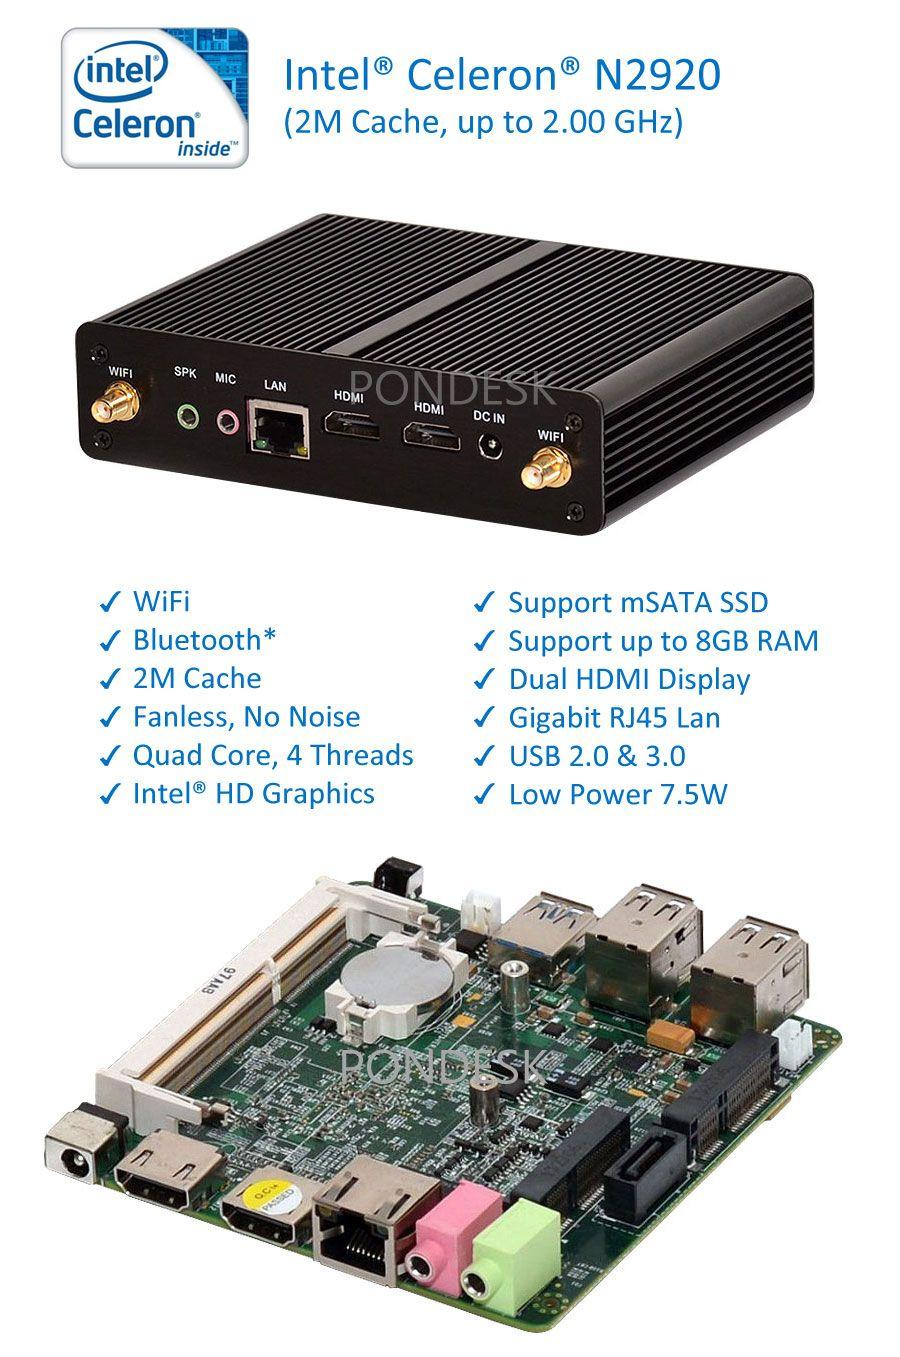 Intel Celeron N2920 Quad Core 2GHz WiFi HDMI Fanless Mini PC